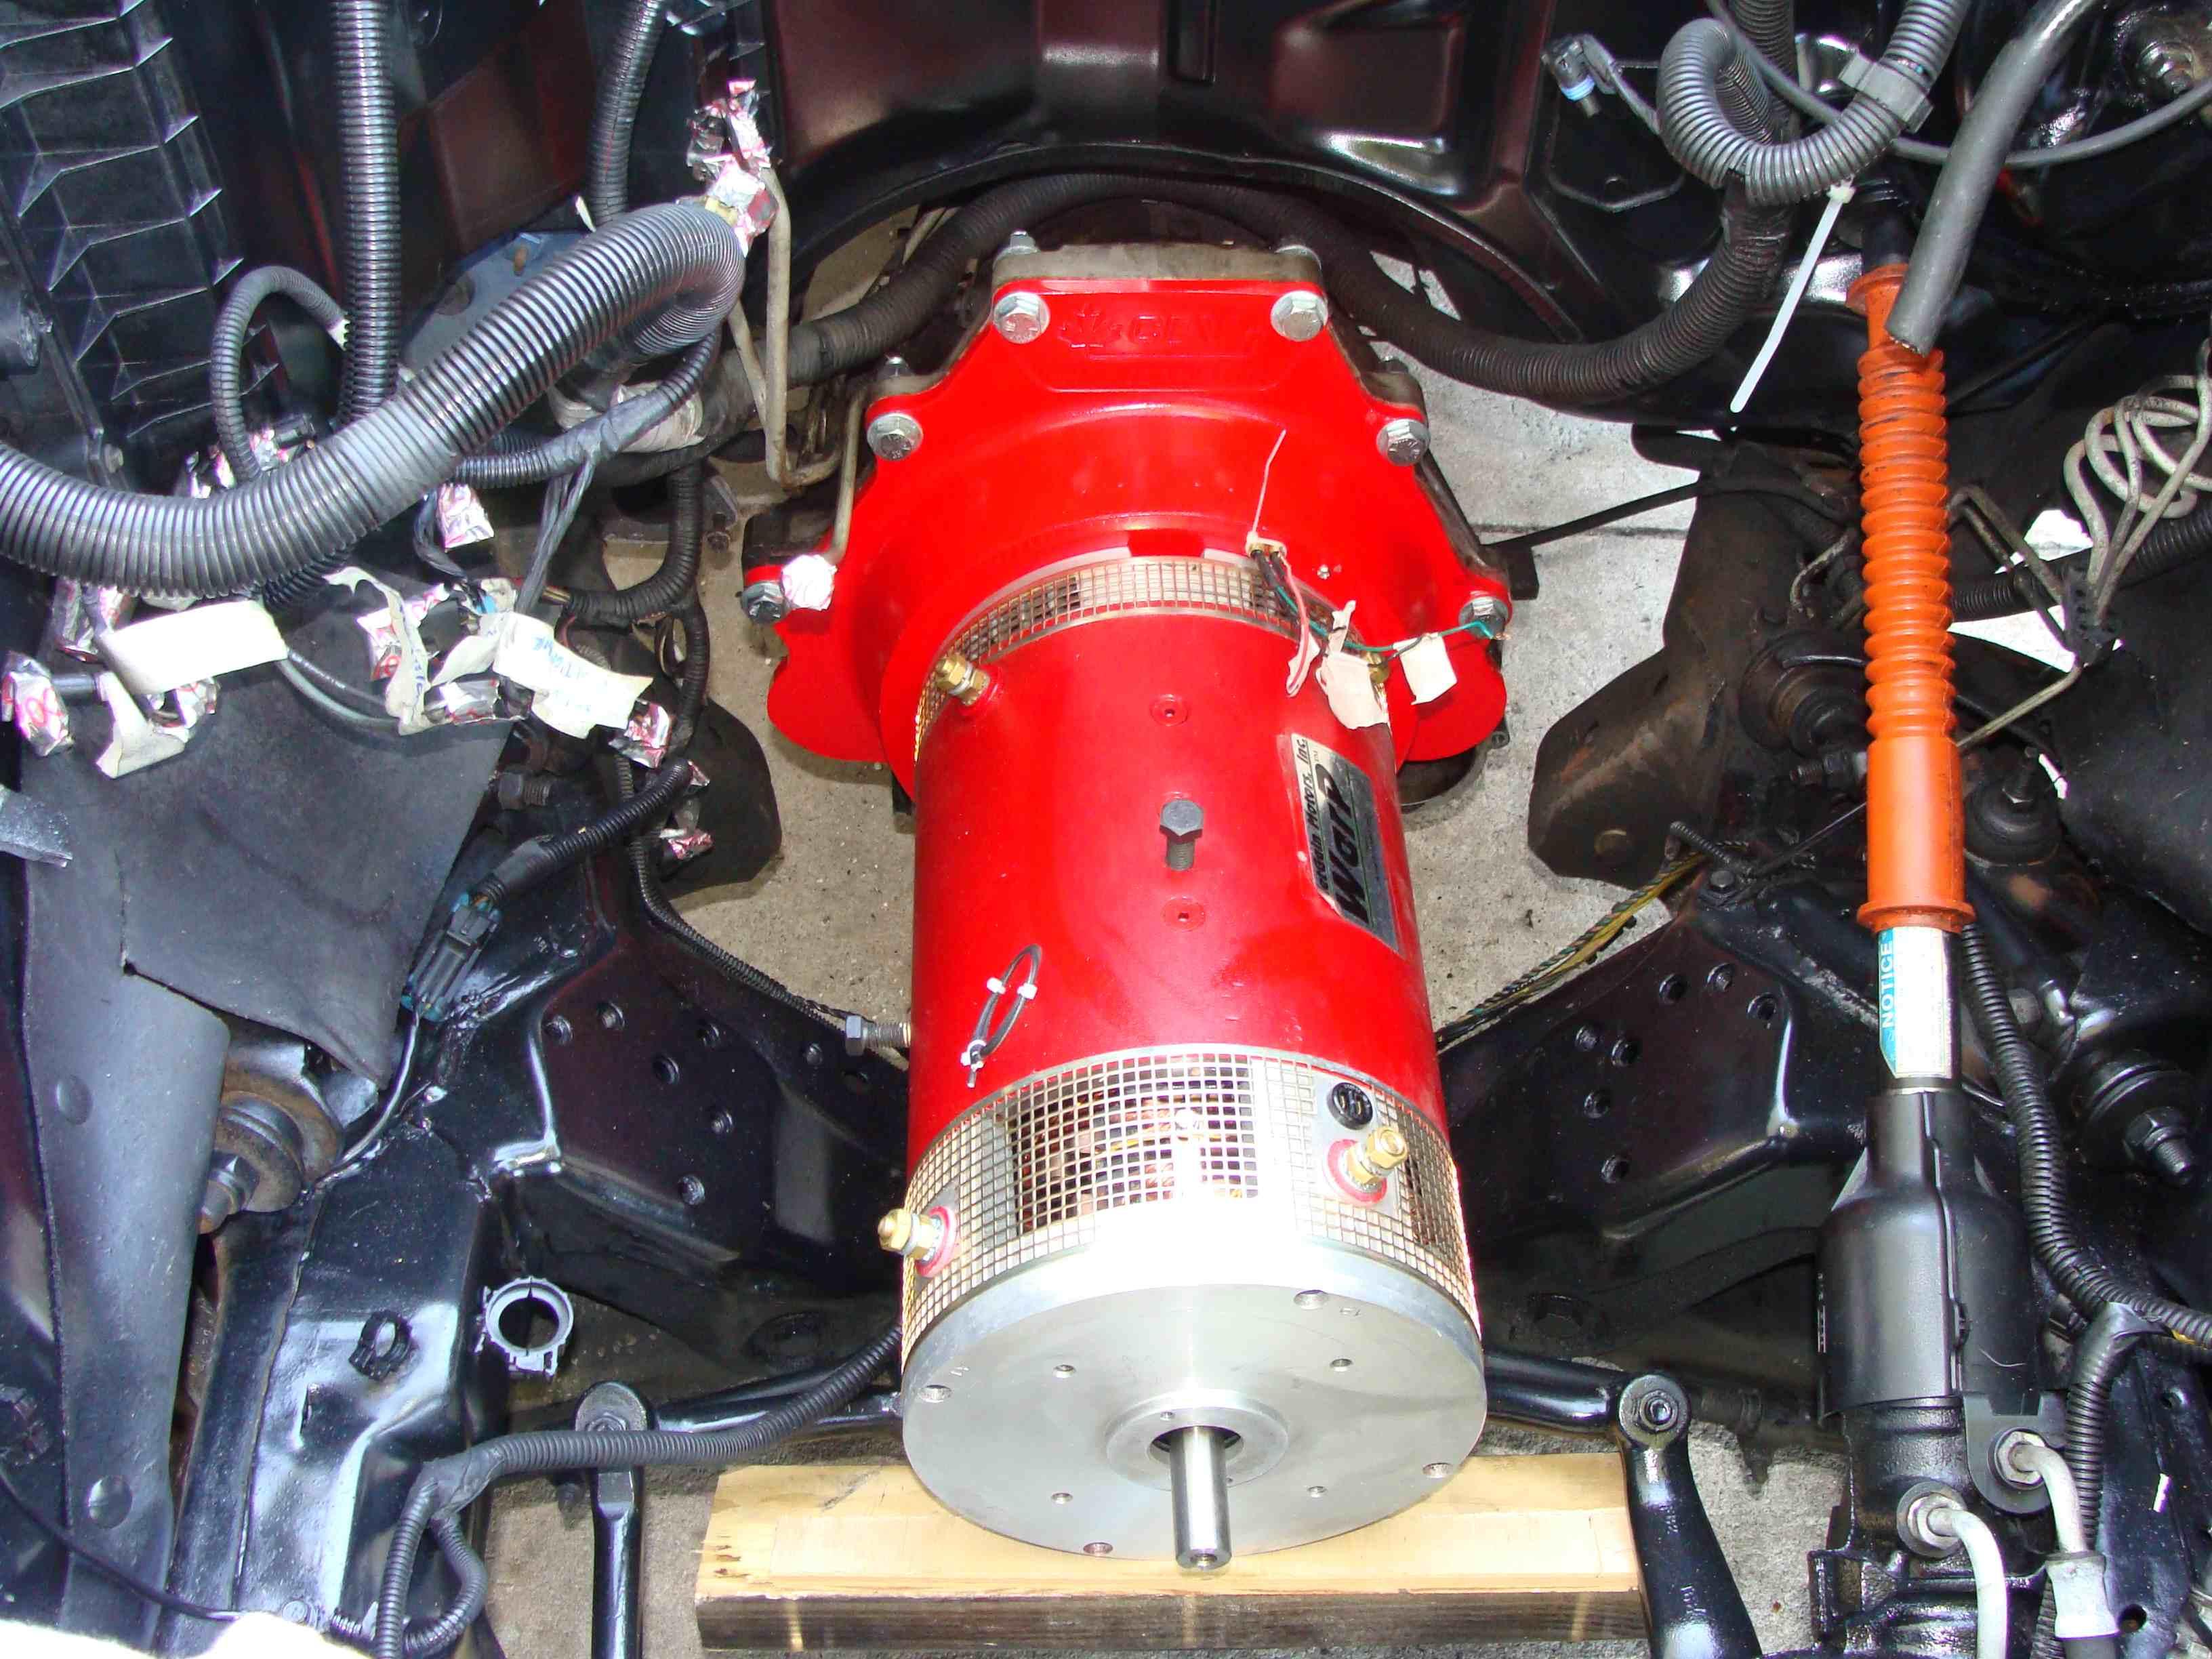 motor-installed2